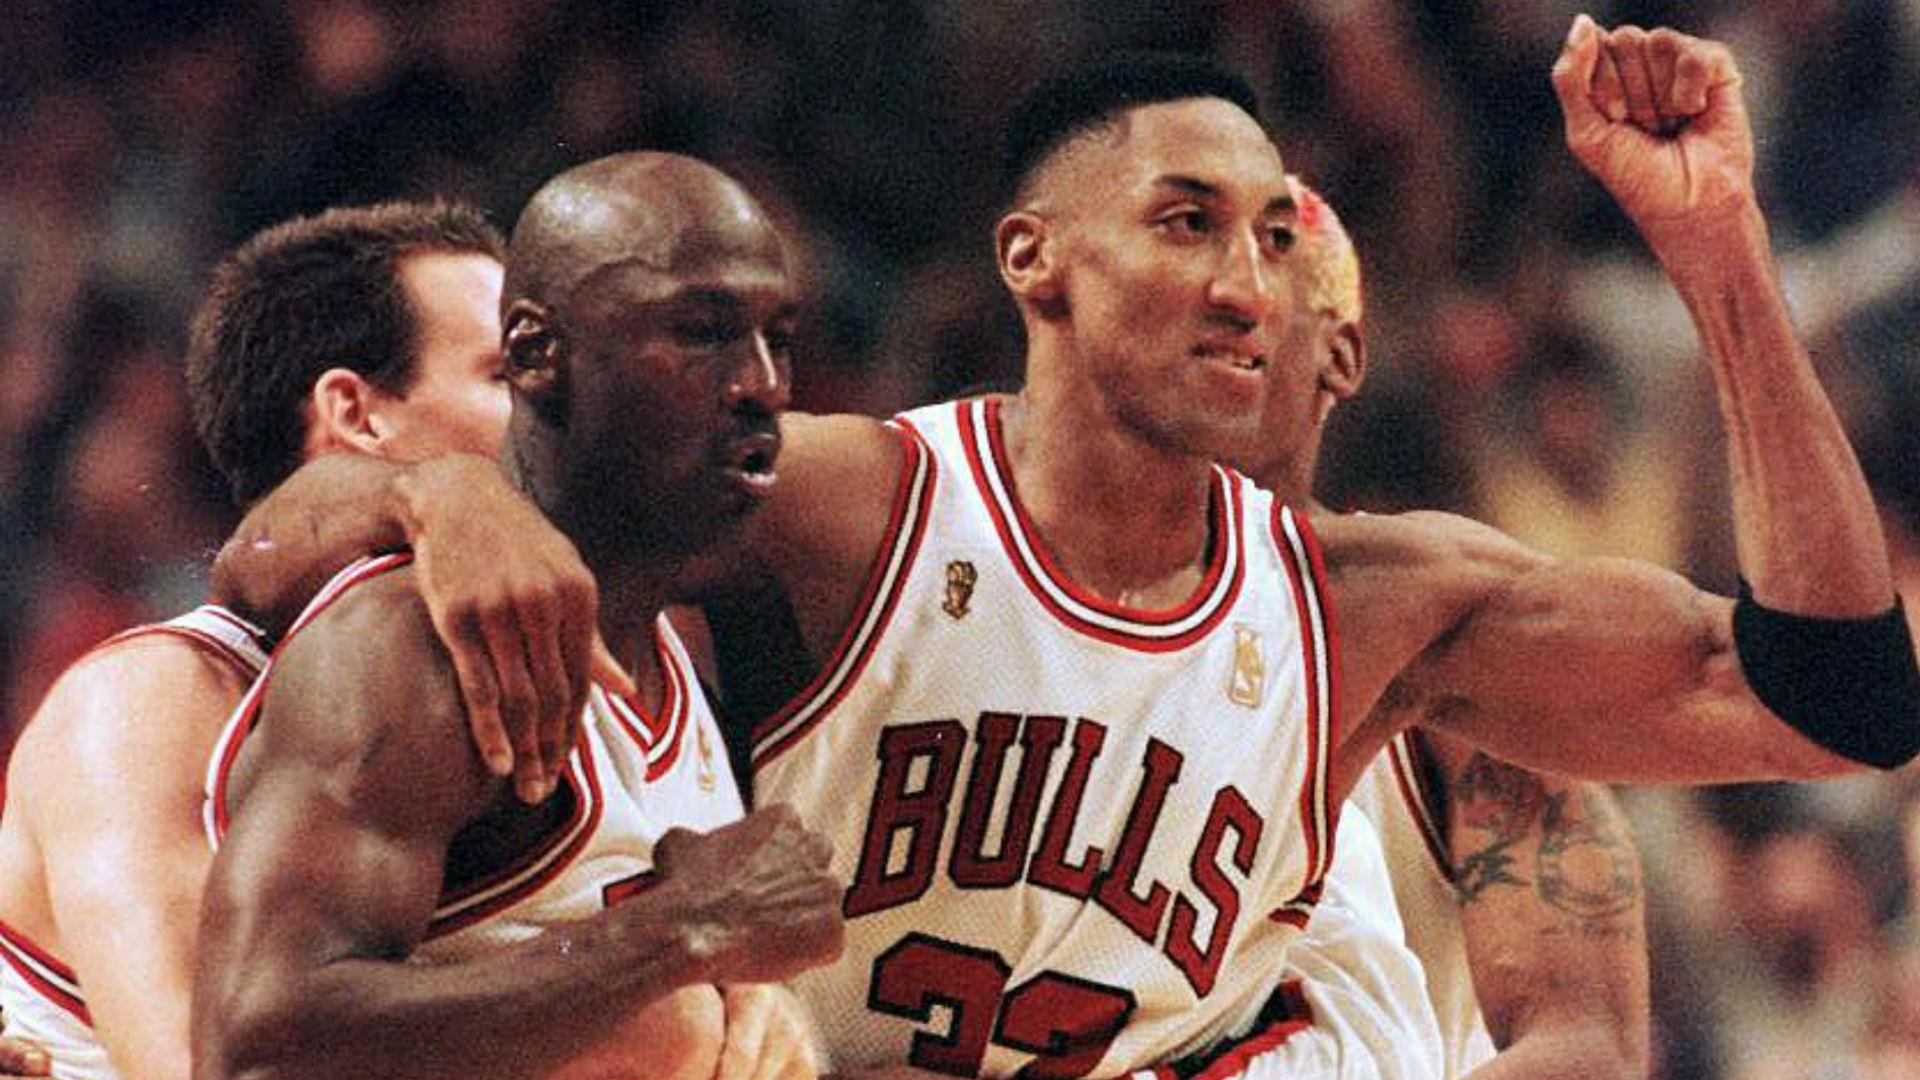 Clasificación de los compañeros de equipo del campeonato de los Bulls de Michael Jordan, desde Jack Haley hasta Scottie Pippen 15